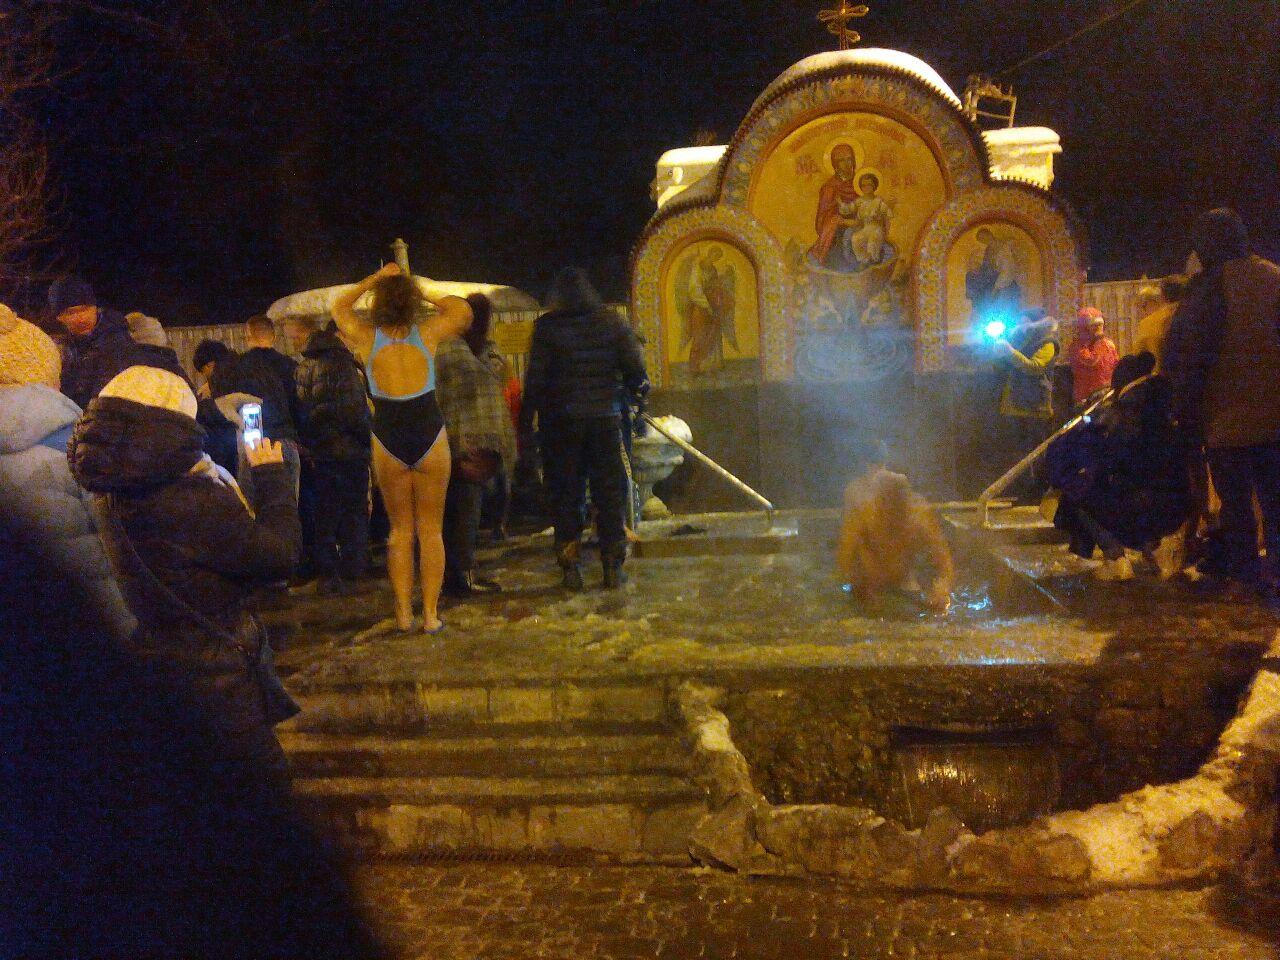 Тысячи харьковчан провели ночь на морозе (ФОТО)